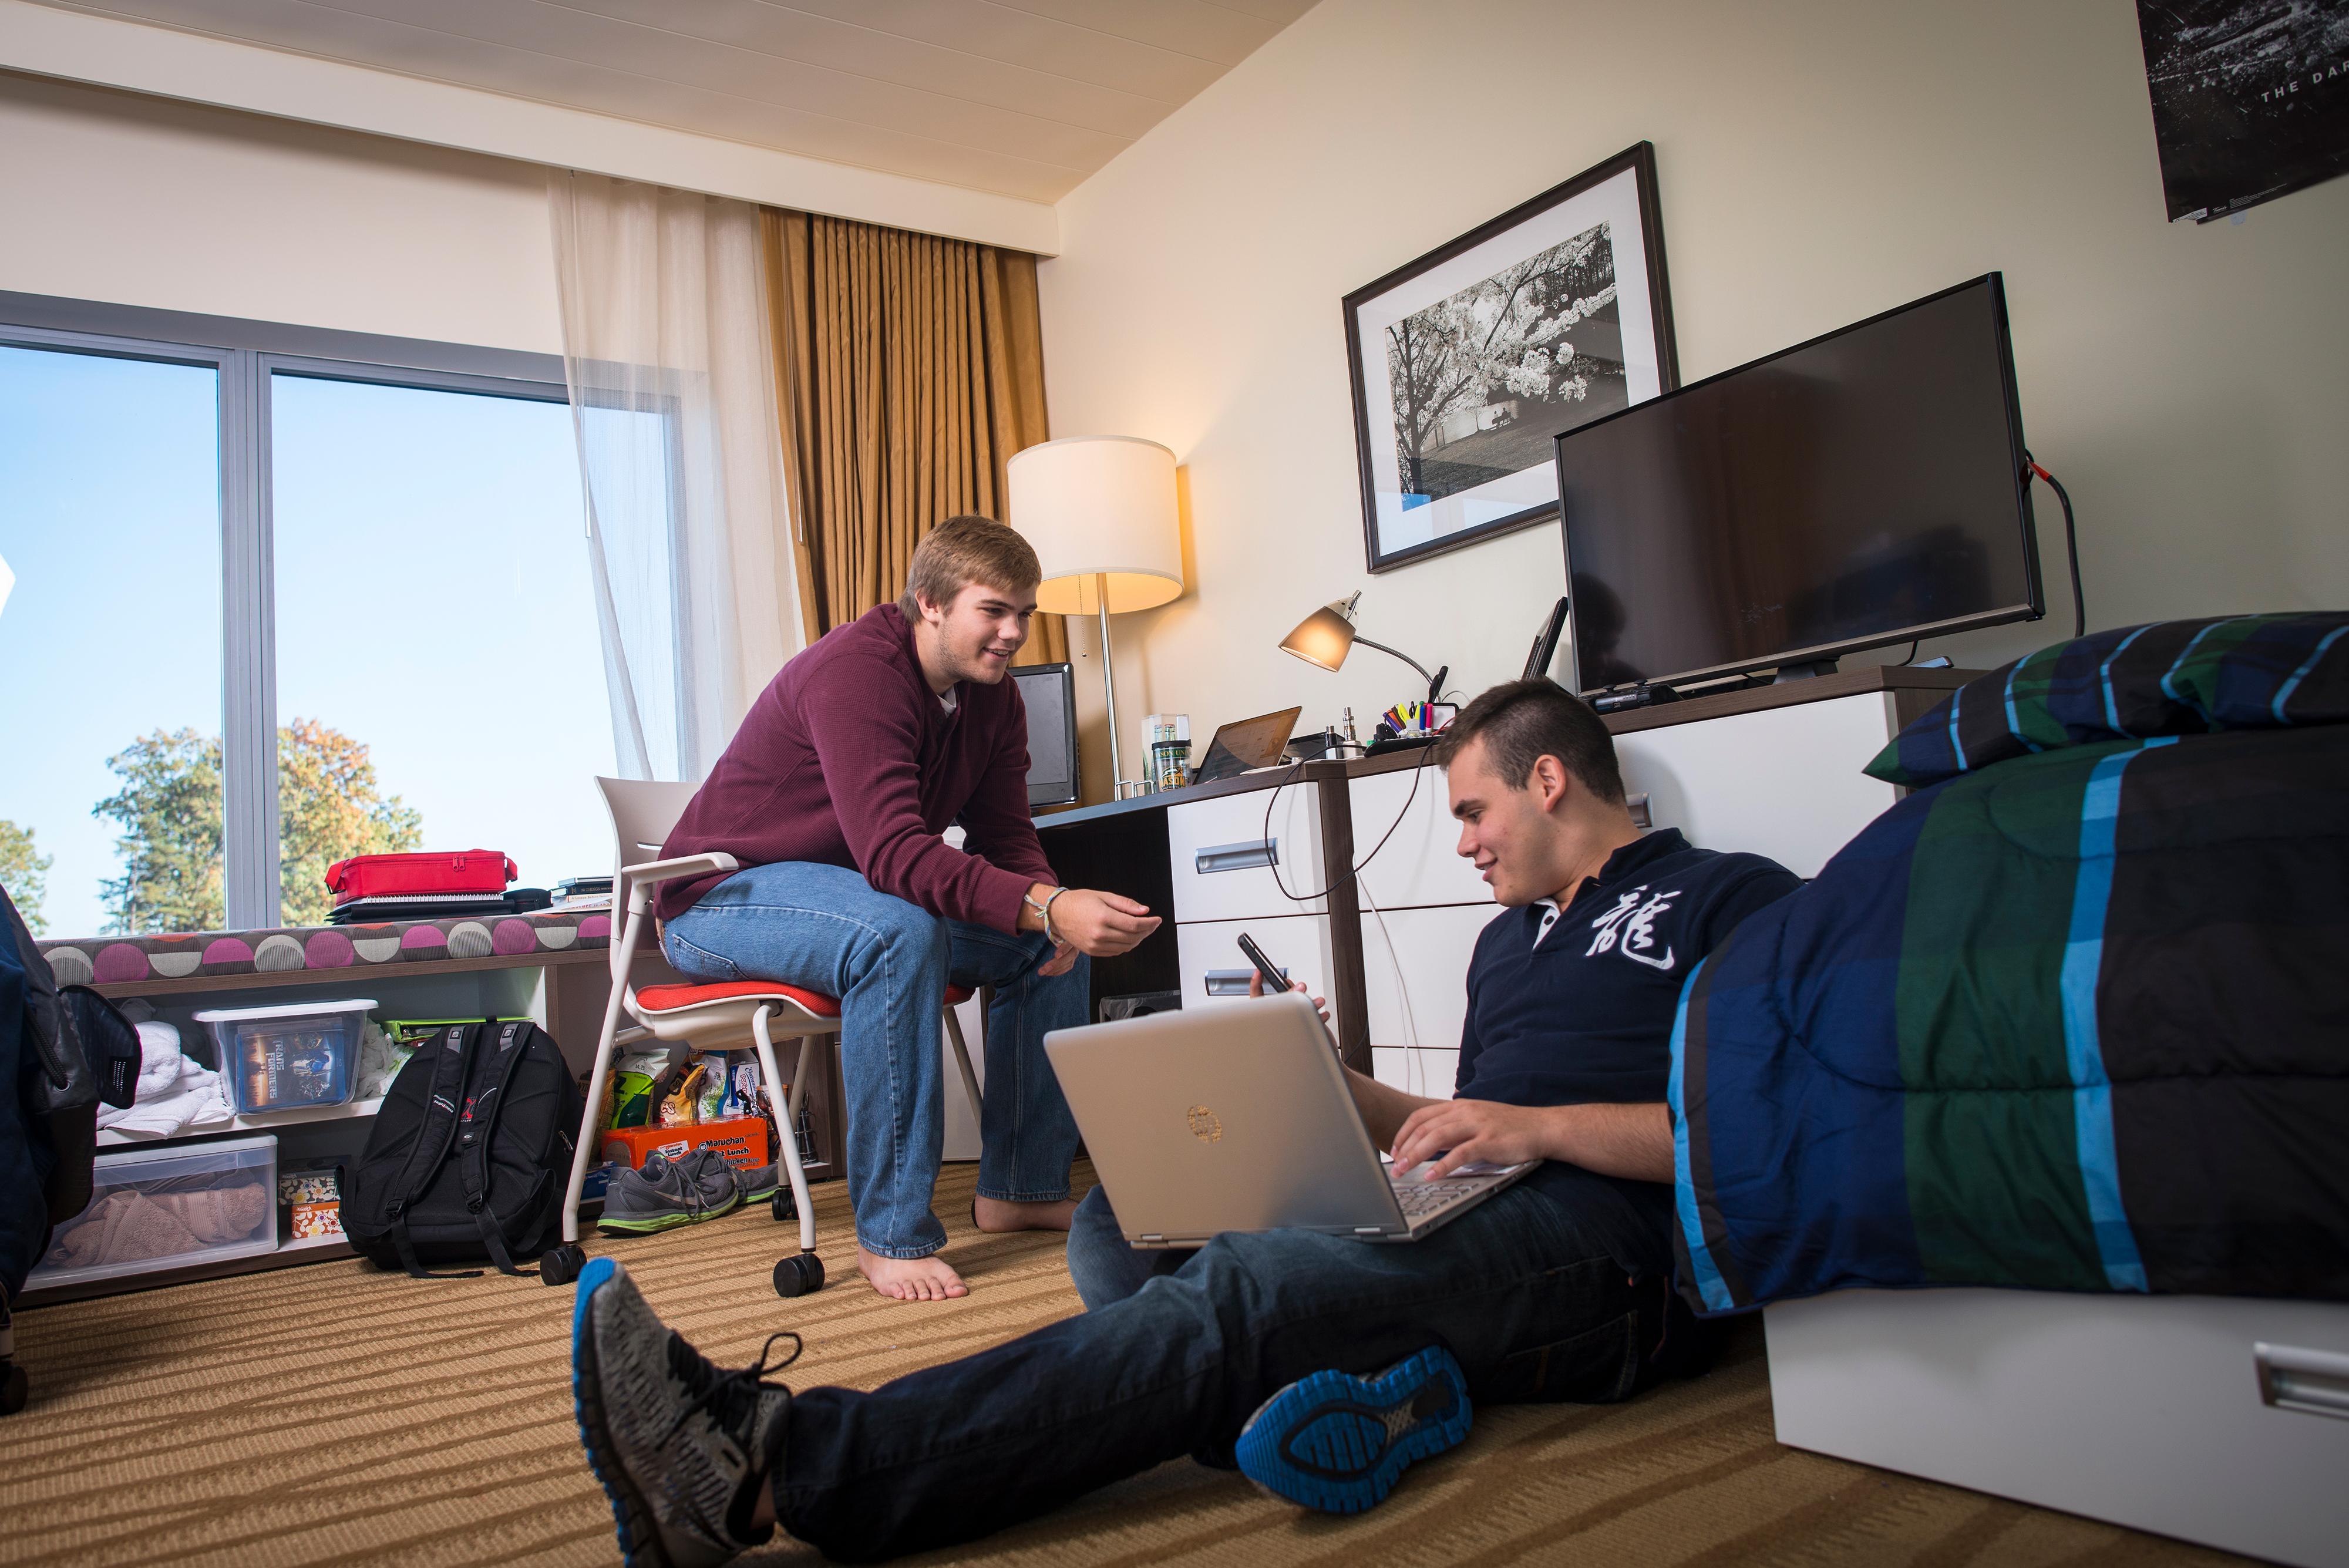 Mason student accommodations